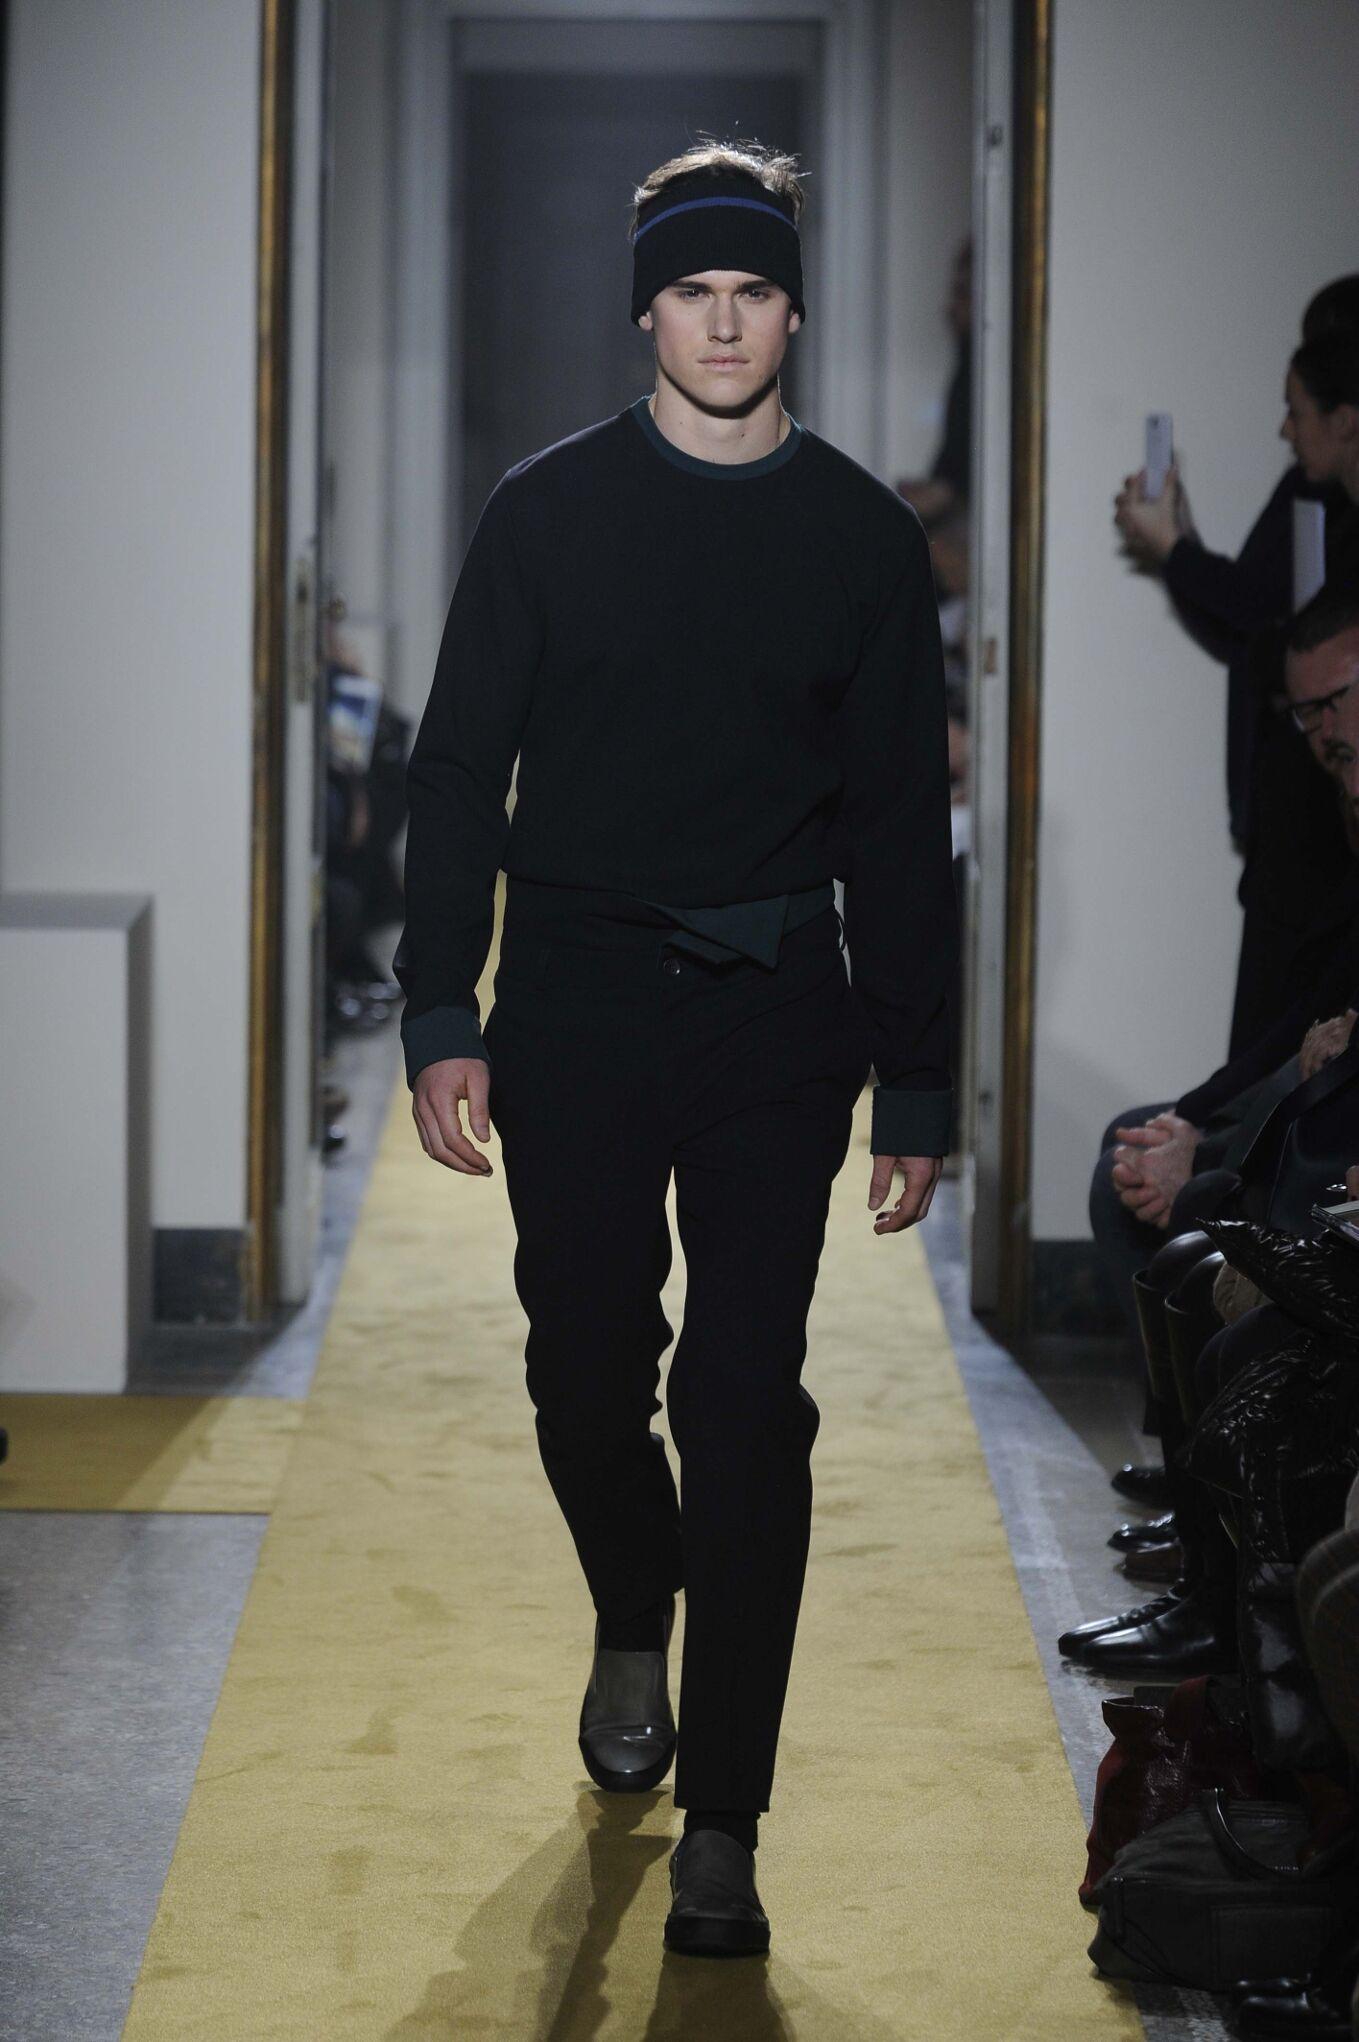 Fall Andrea Incontri Fashion Man